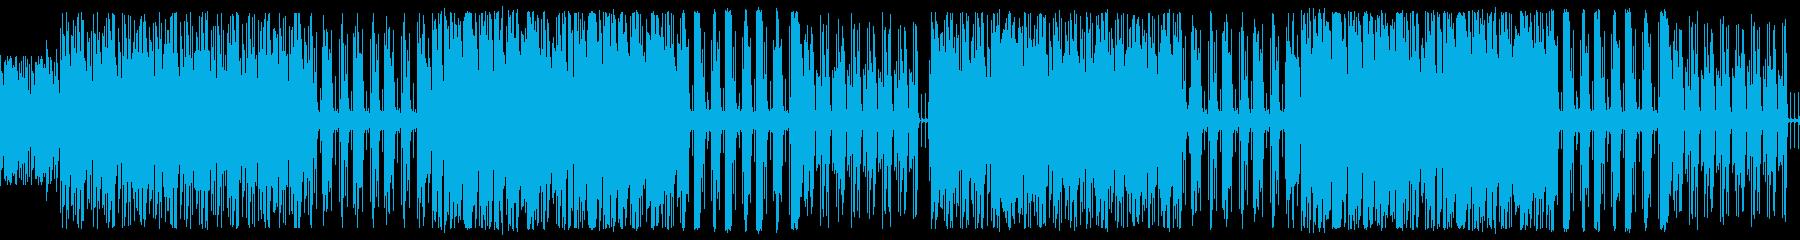 【ループ版】YouTubeリズミカルの再生済みの波形